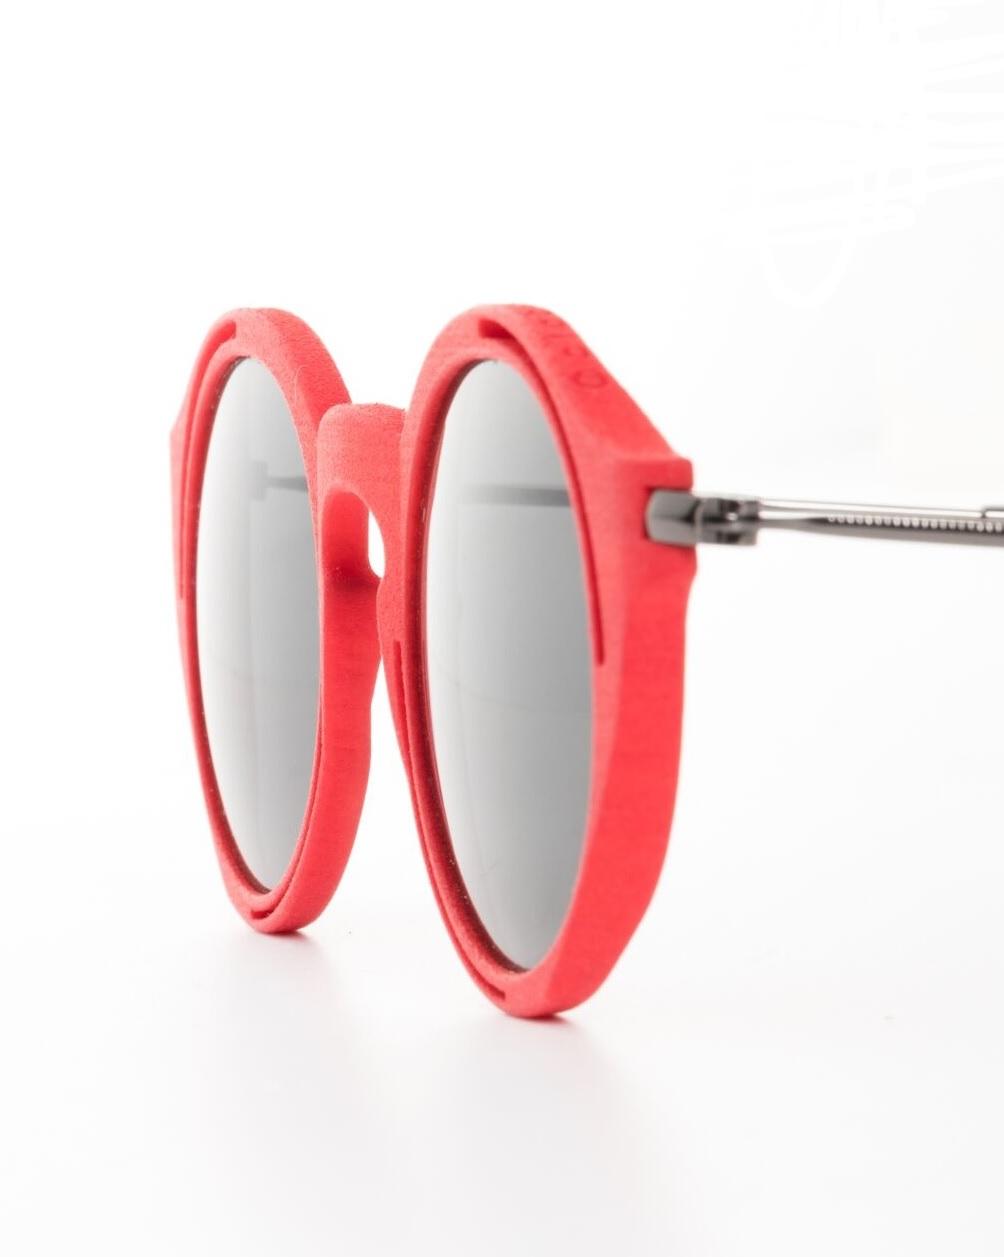 lunettes octobre 71